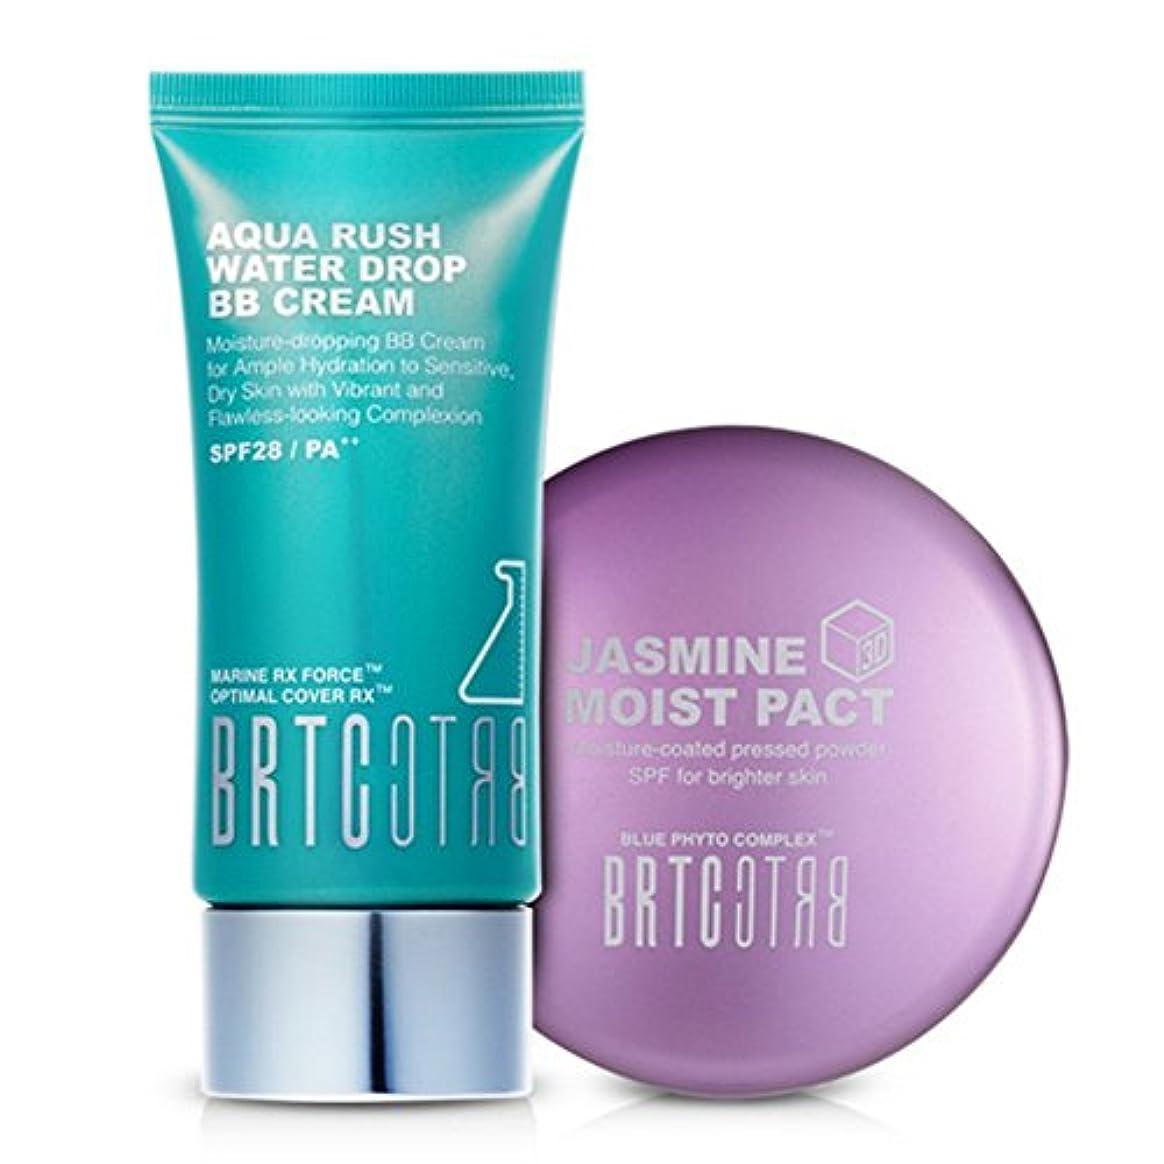 反抗苦痛科学【BRTC/非アルティ時】Whitening&Moisture Make Up Set アクアラッシュビビ ファクト2種set [BB Cream+ Moist Pact Set](海外直送品)